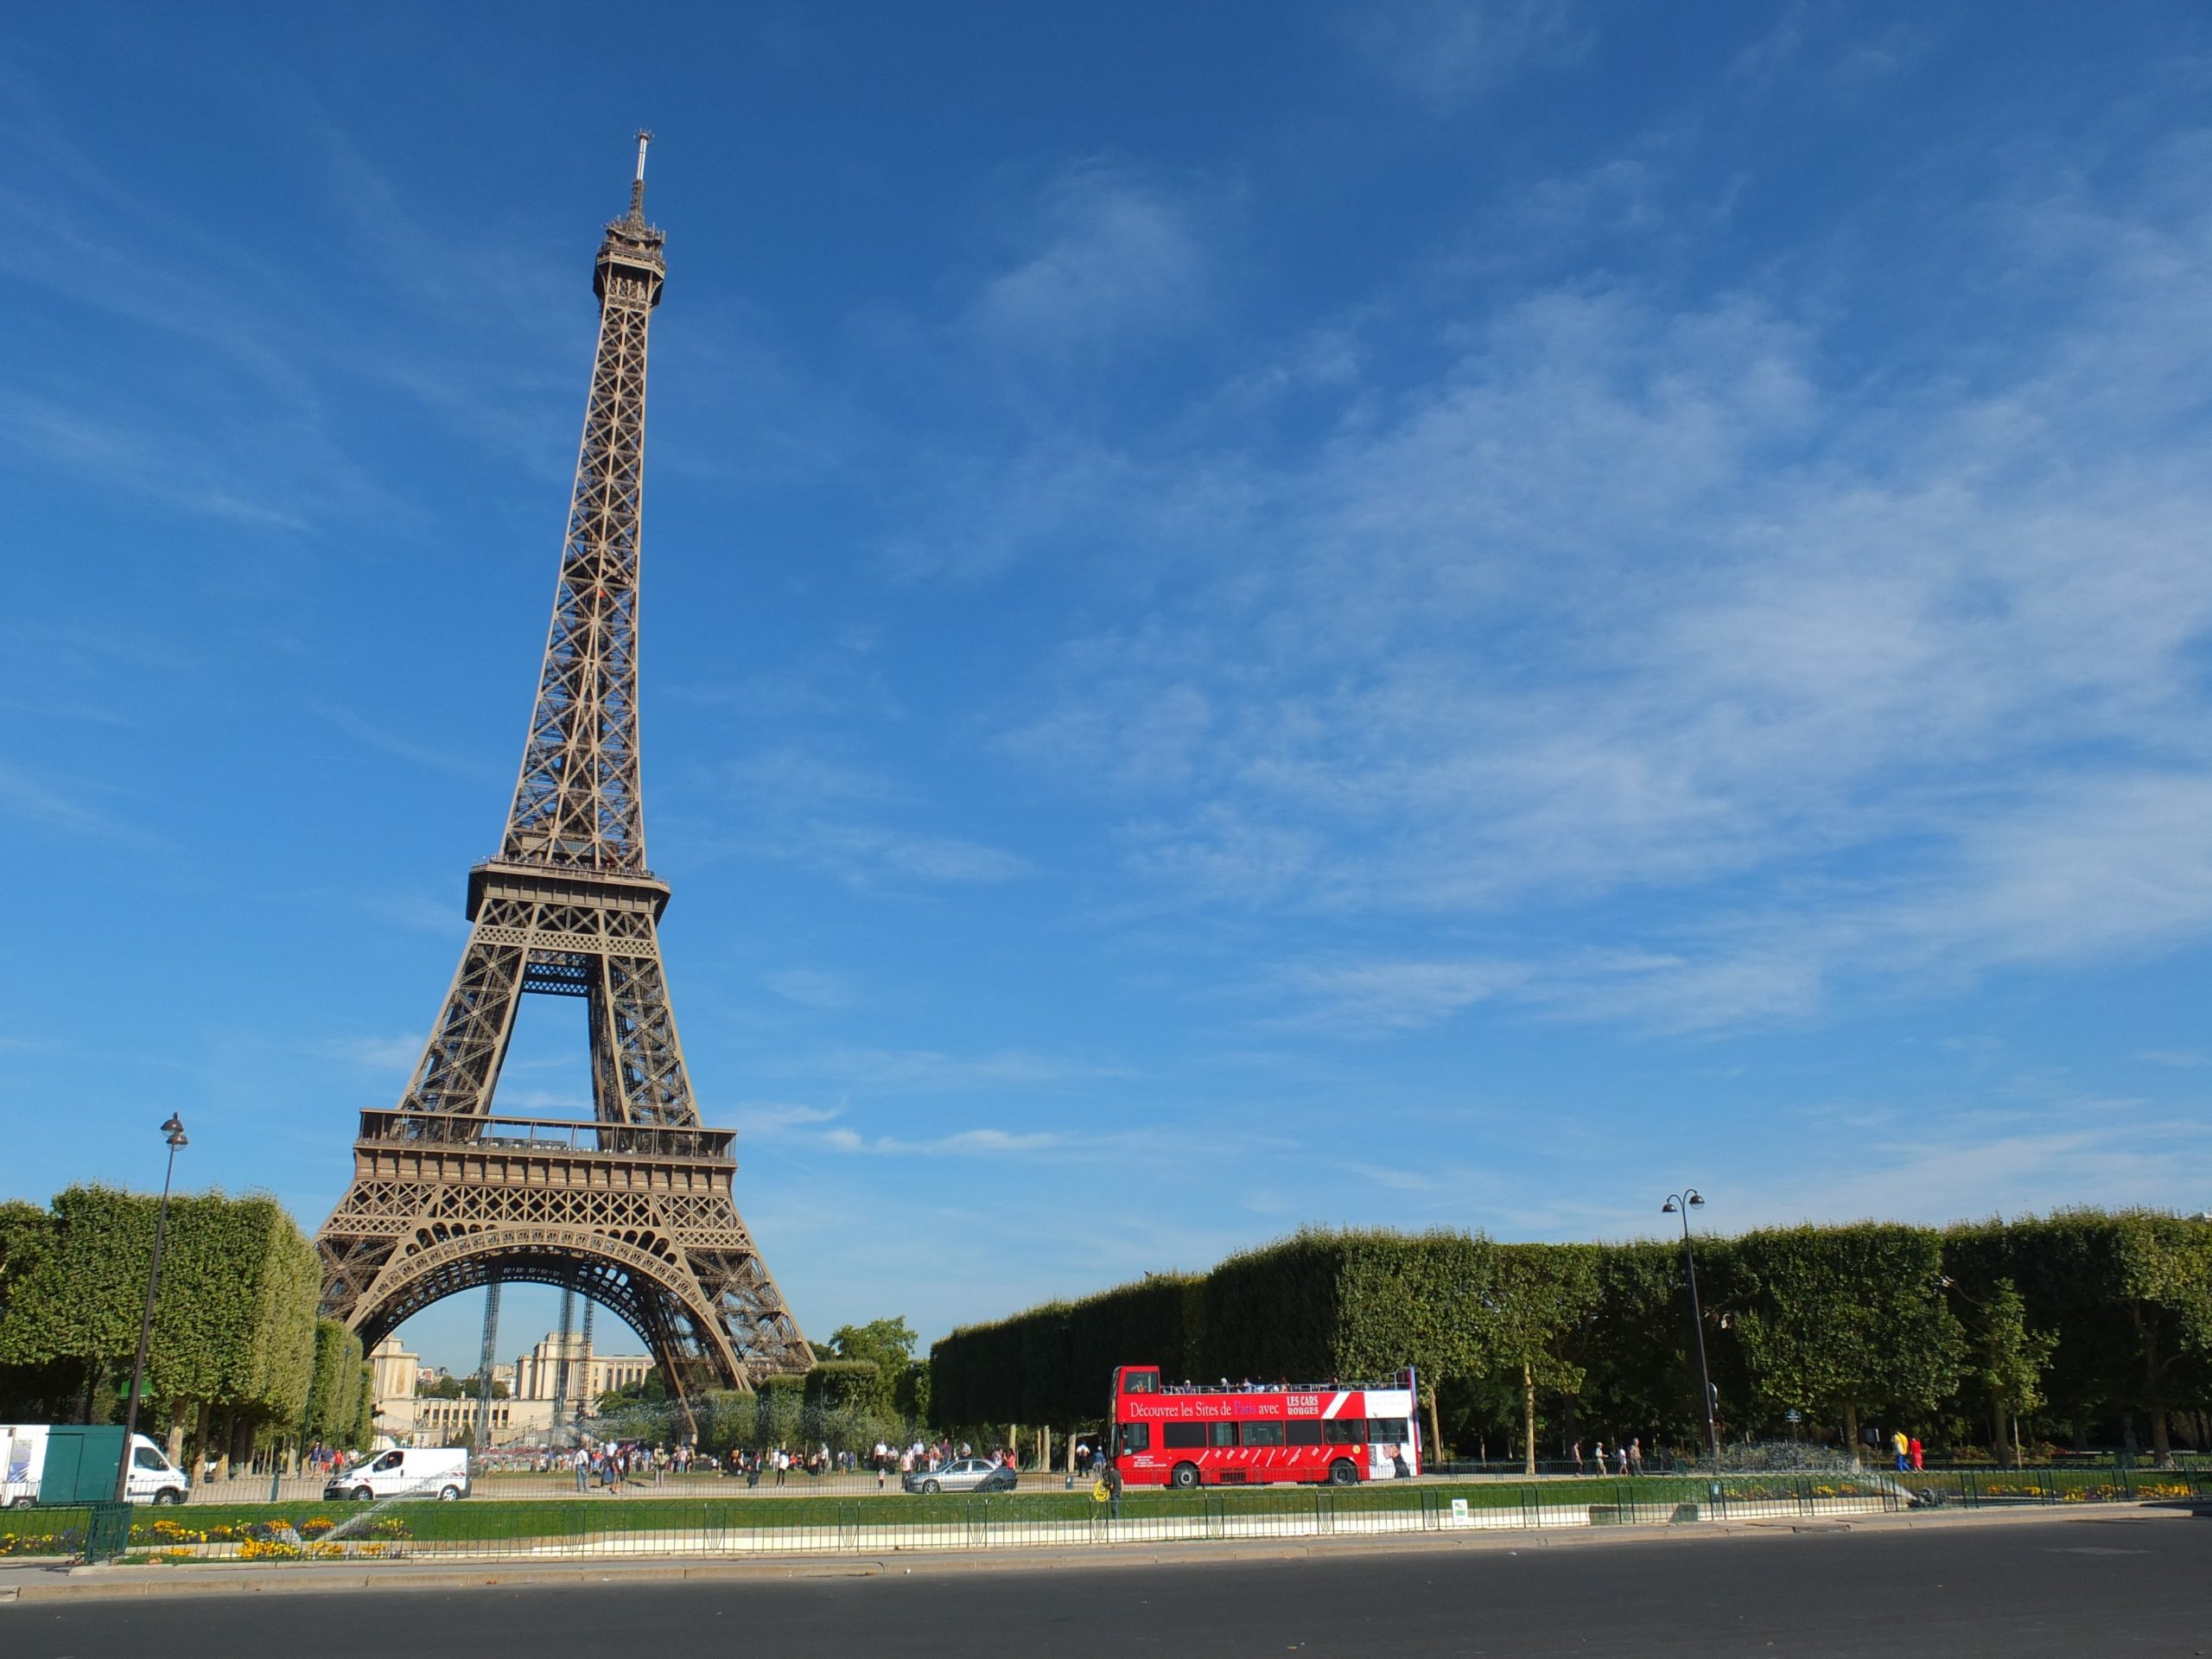 [法國‧巴黎] 青空下的巴黎艾菲爾鐵塔